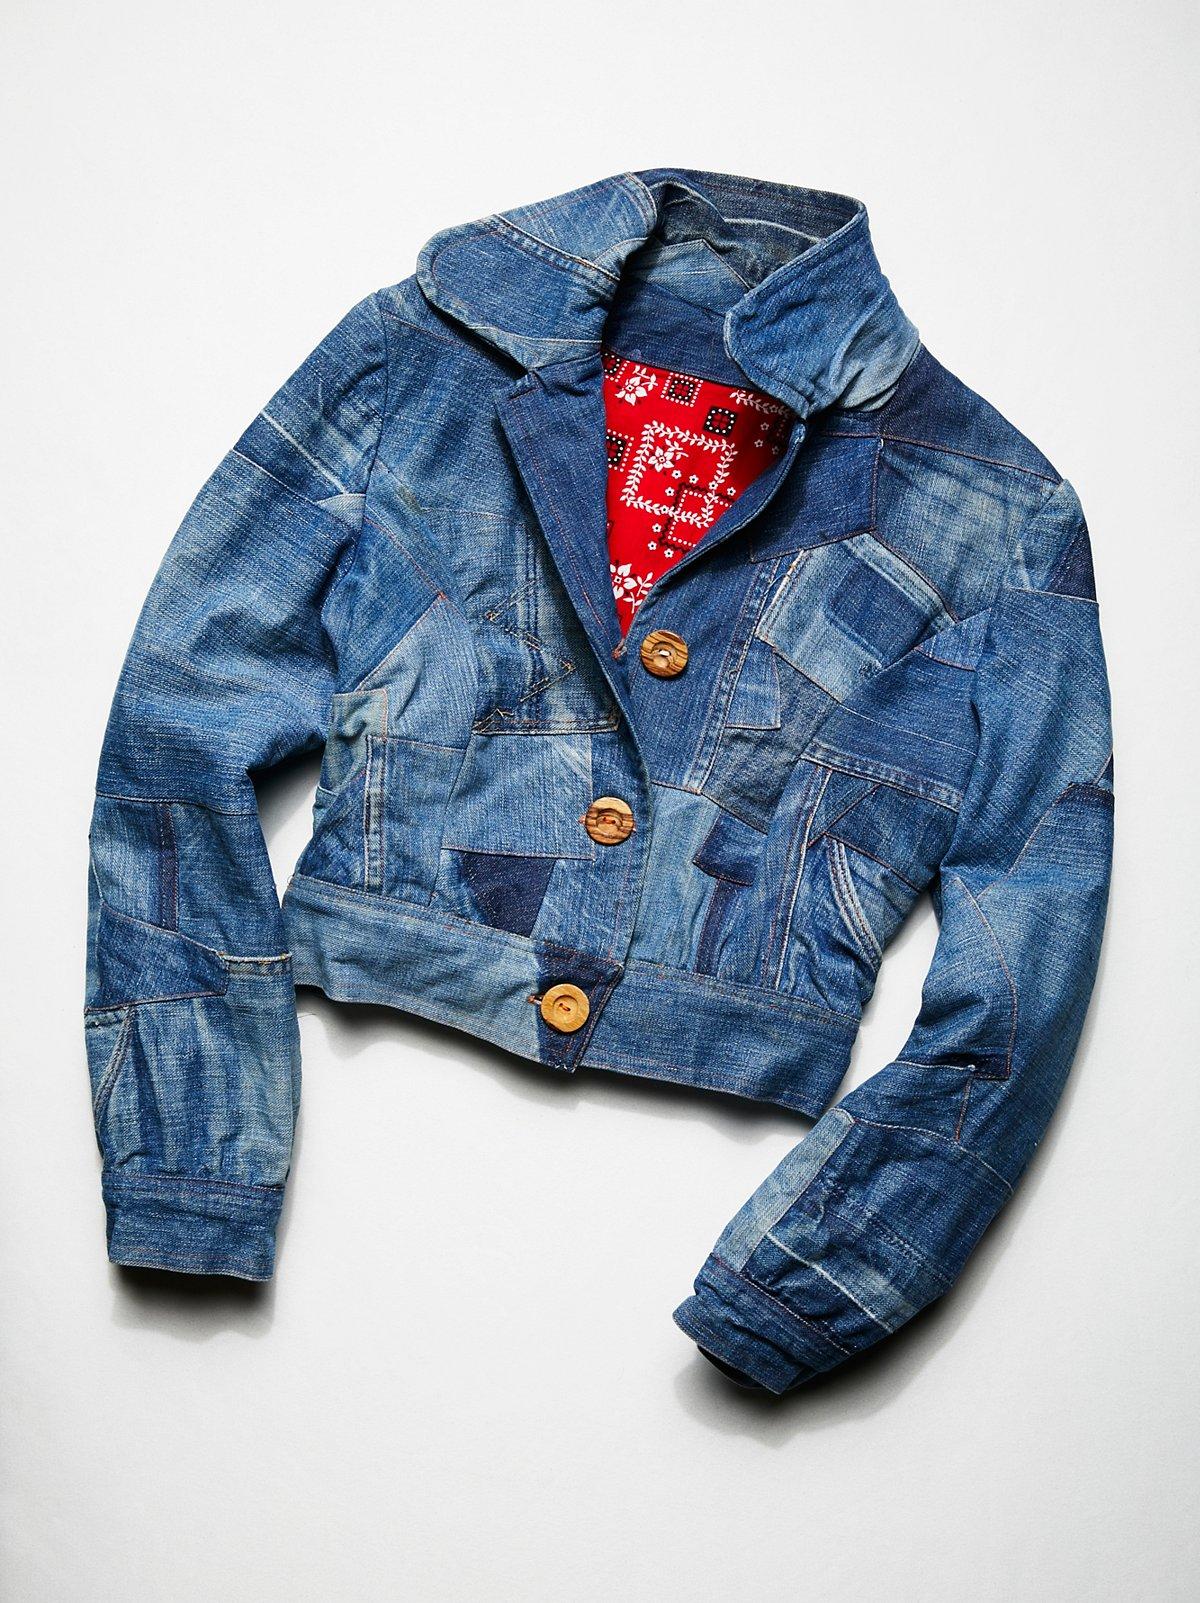 Vintage 1980s Denim Patchwork Jacket